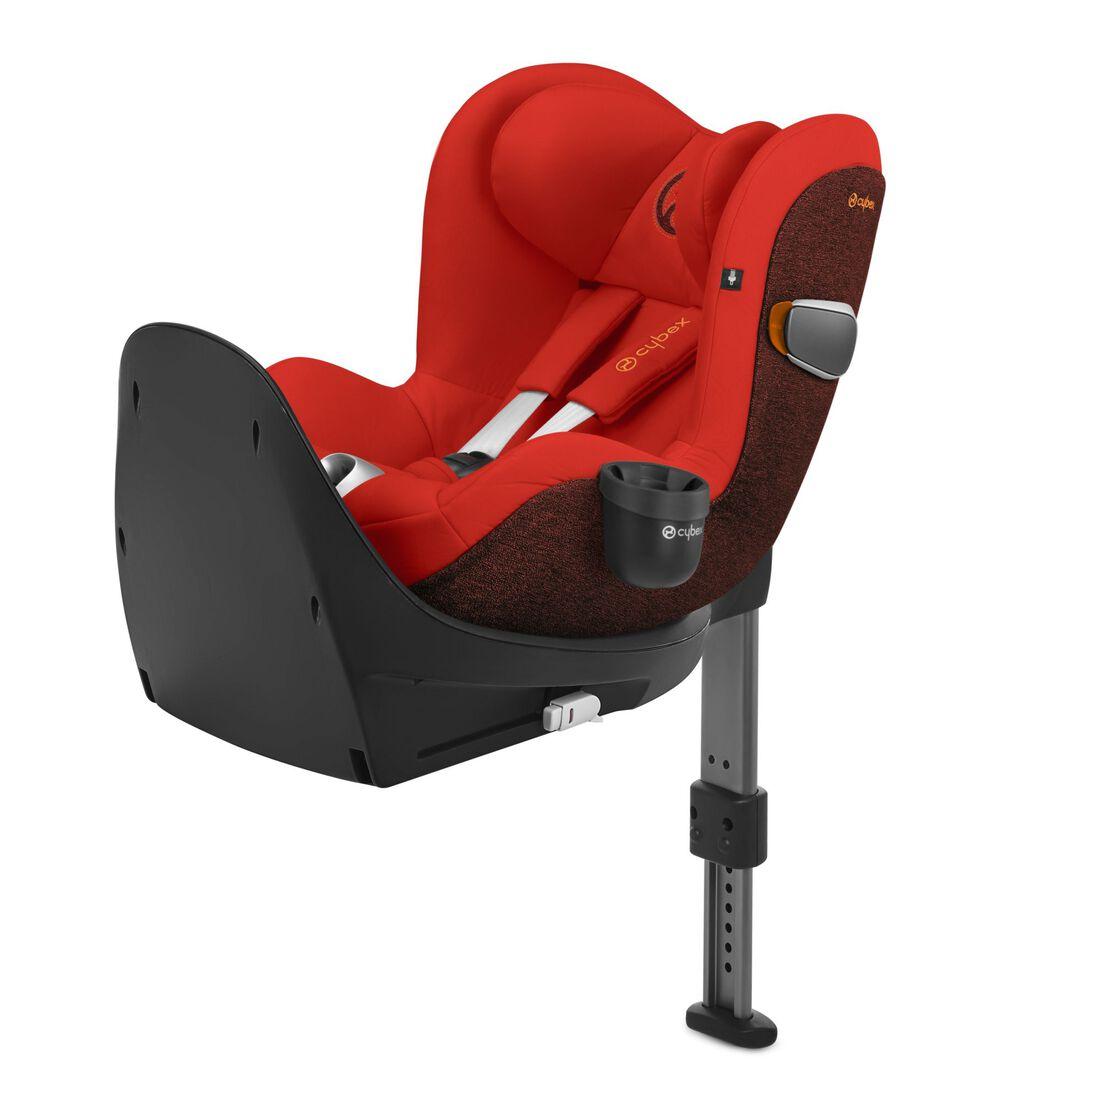 CYBEX Becherhalter Kindersitze - Black in Black large Bild 2